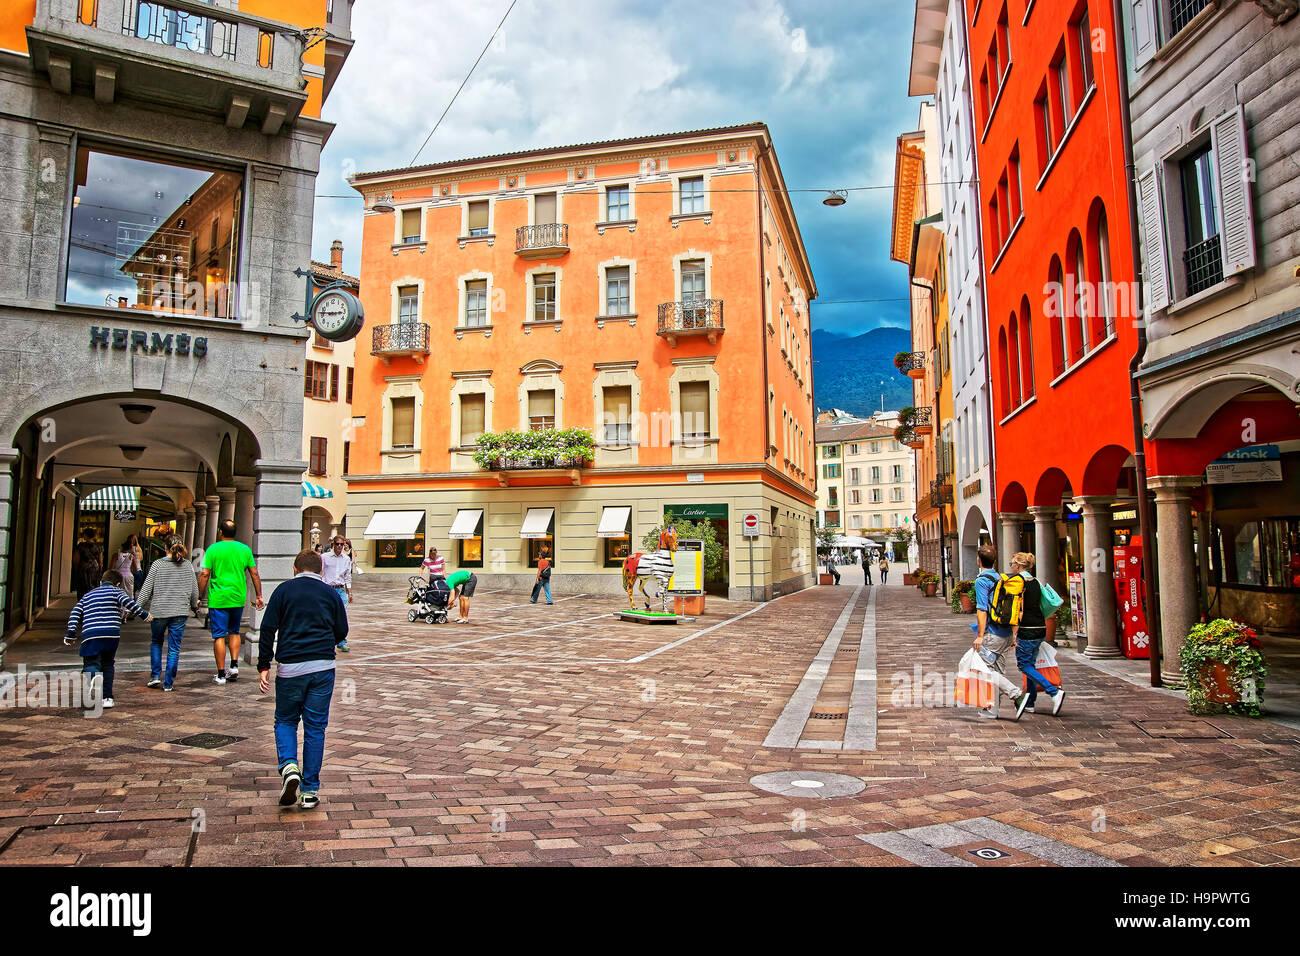 Lugano Switzerland Cafe Stockfotos & Lugano Switzerland Cafe Bilder ...